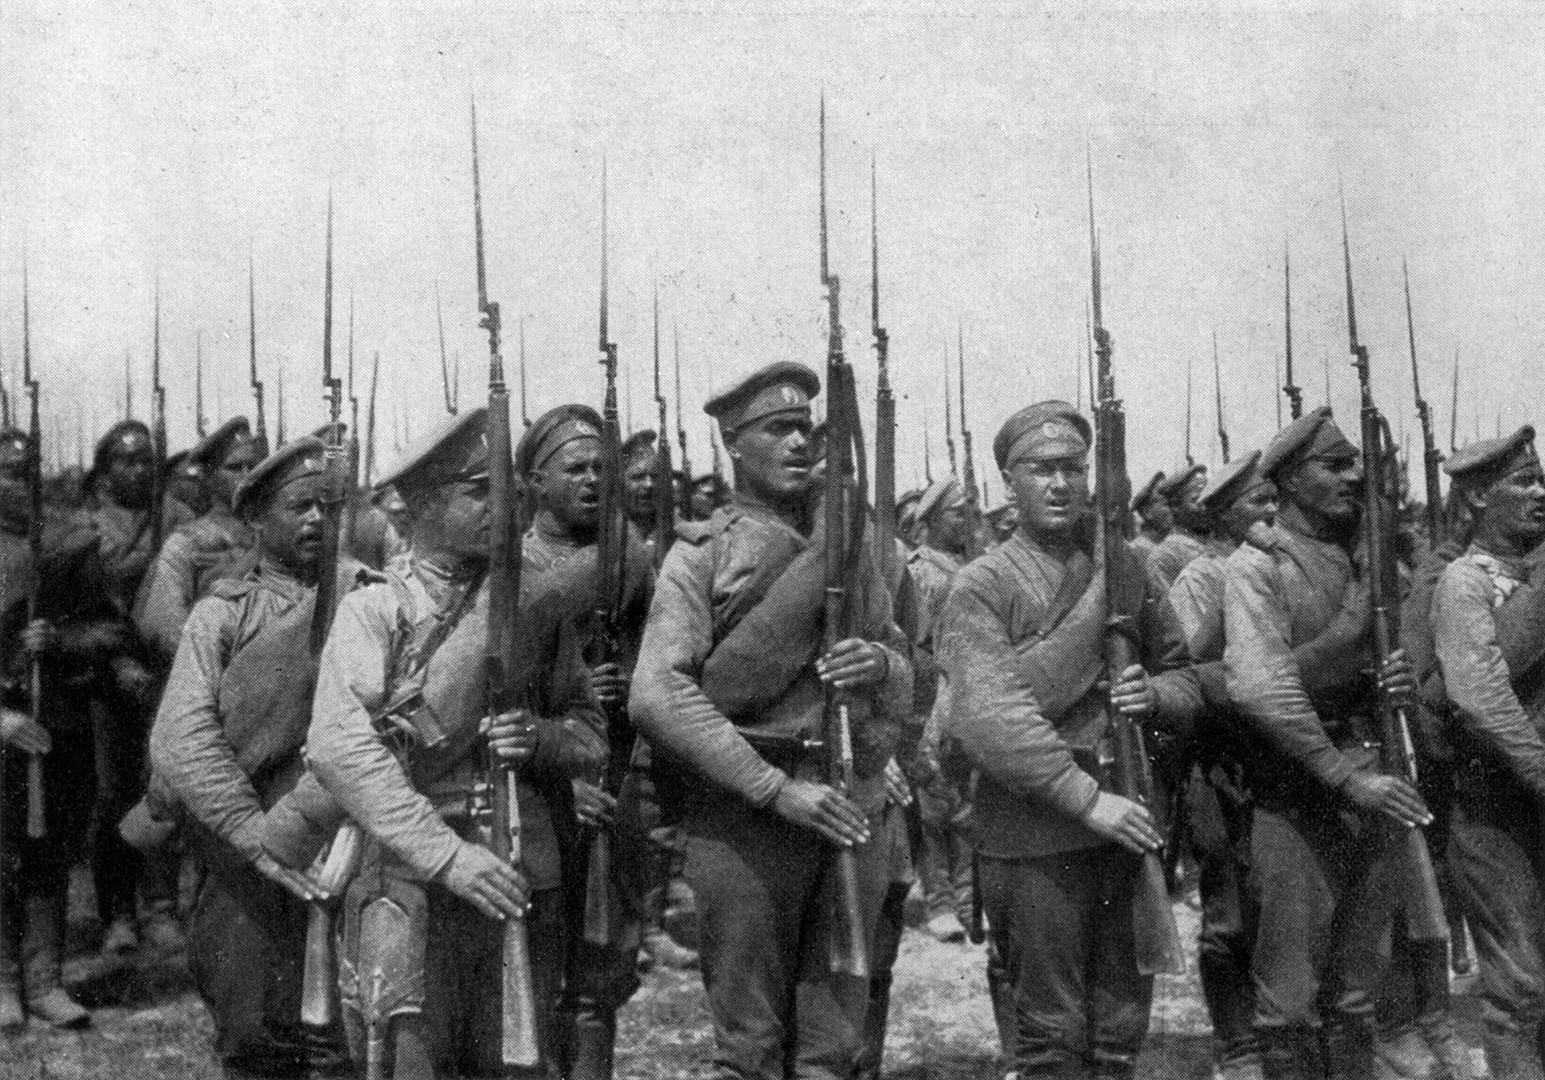 Rusko pješaštvo u Prvom svjetskom ratu.